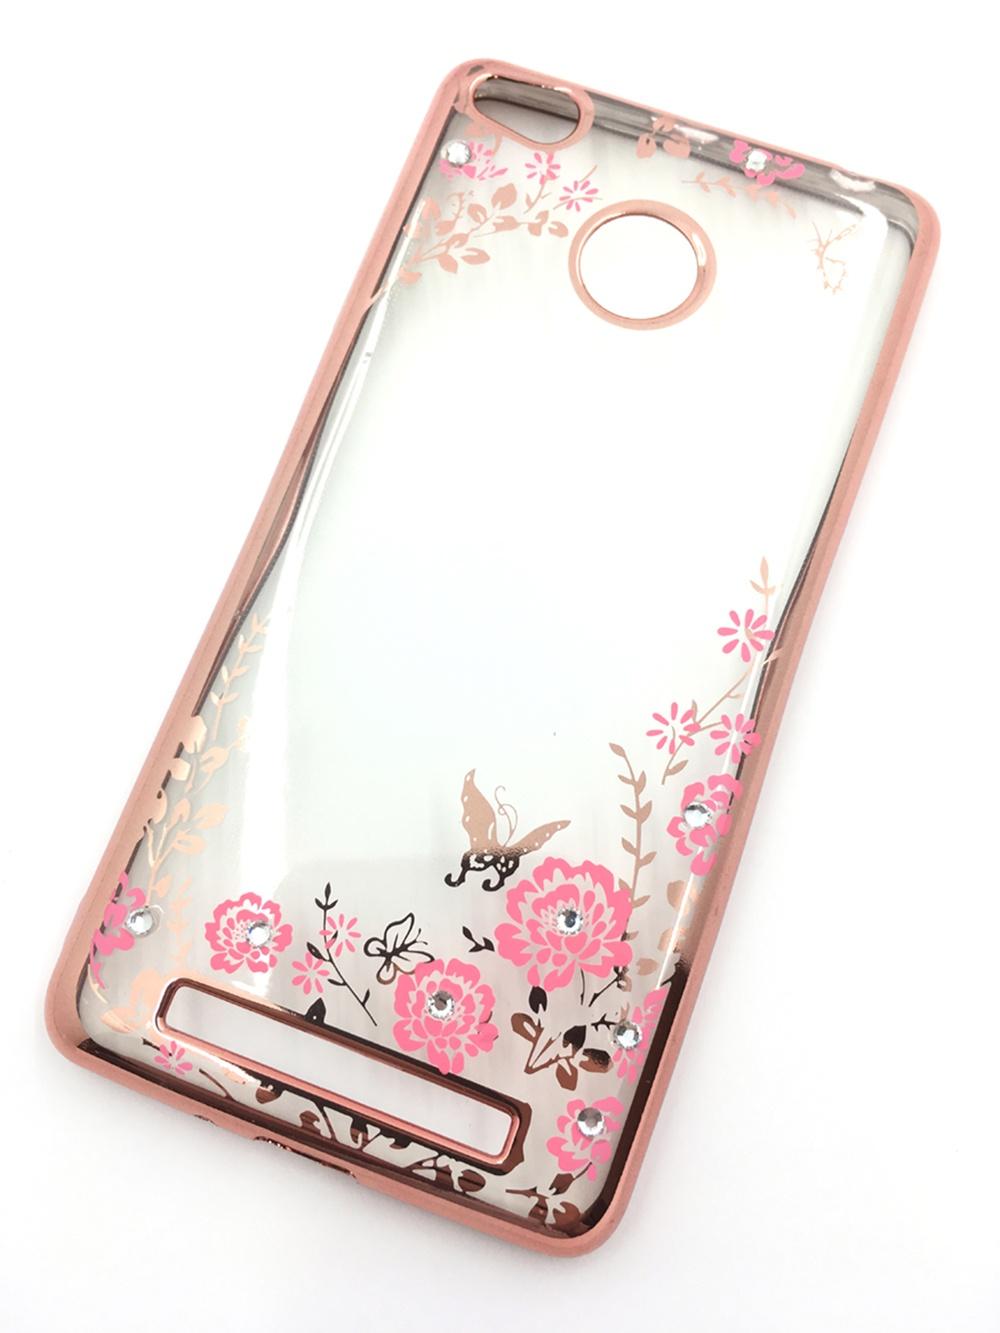 Чехол для сотового телефона Мобильная мода Xiaomi Redmi 3S Силиконовая, прозрачная накладка со стразами, 6 361G, розовый чехол для сотового телефона мобильная мода meizu pro 6 силиконовая прозрачная накладка со стразами 6371g золотой